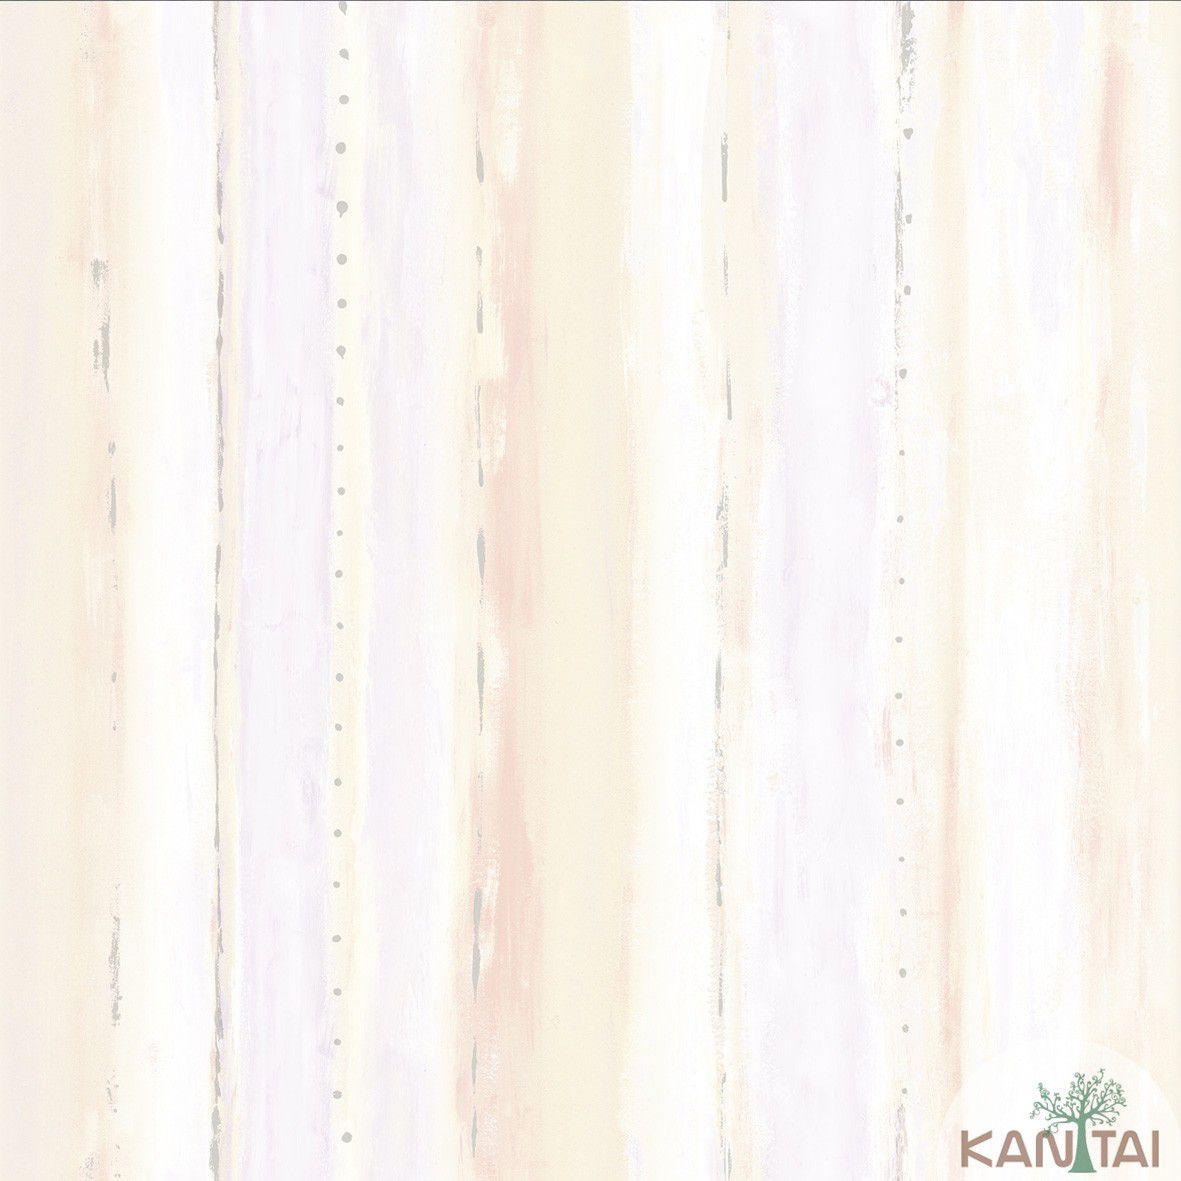 Papel de Parede   Kan Tai  Vinilico Coleção Style Textura  Aquarelado Tons Bege, Cinza. Amarelo